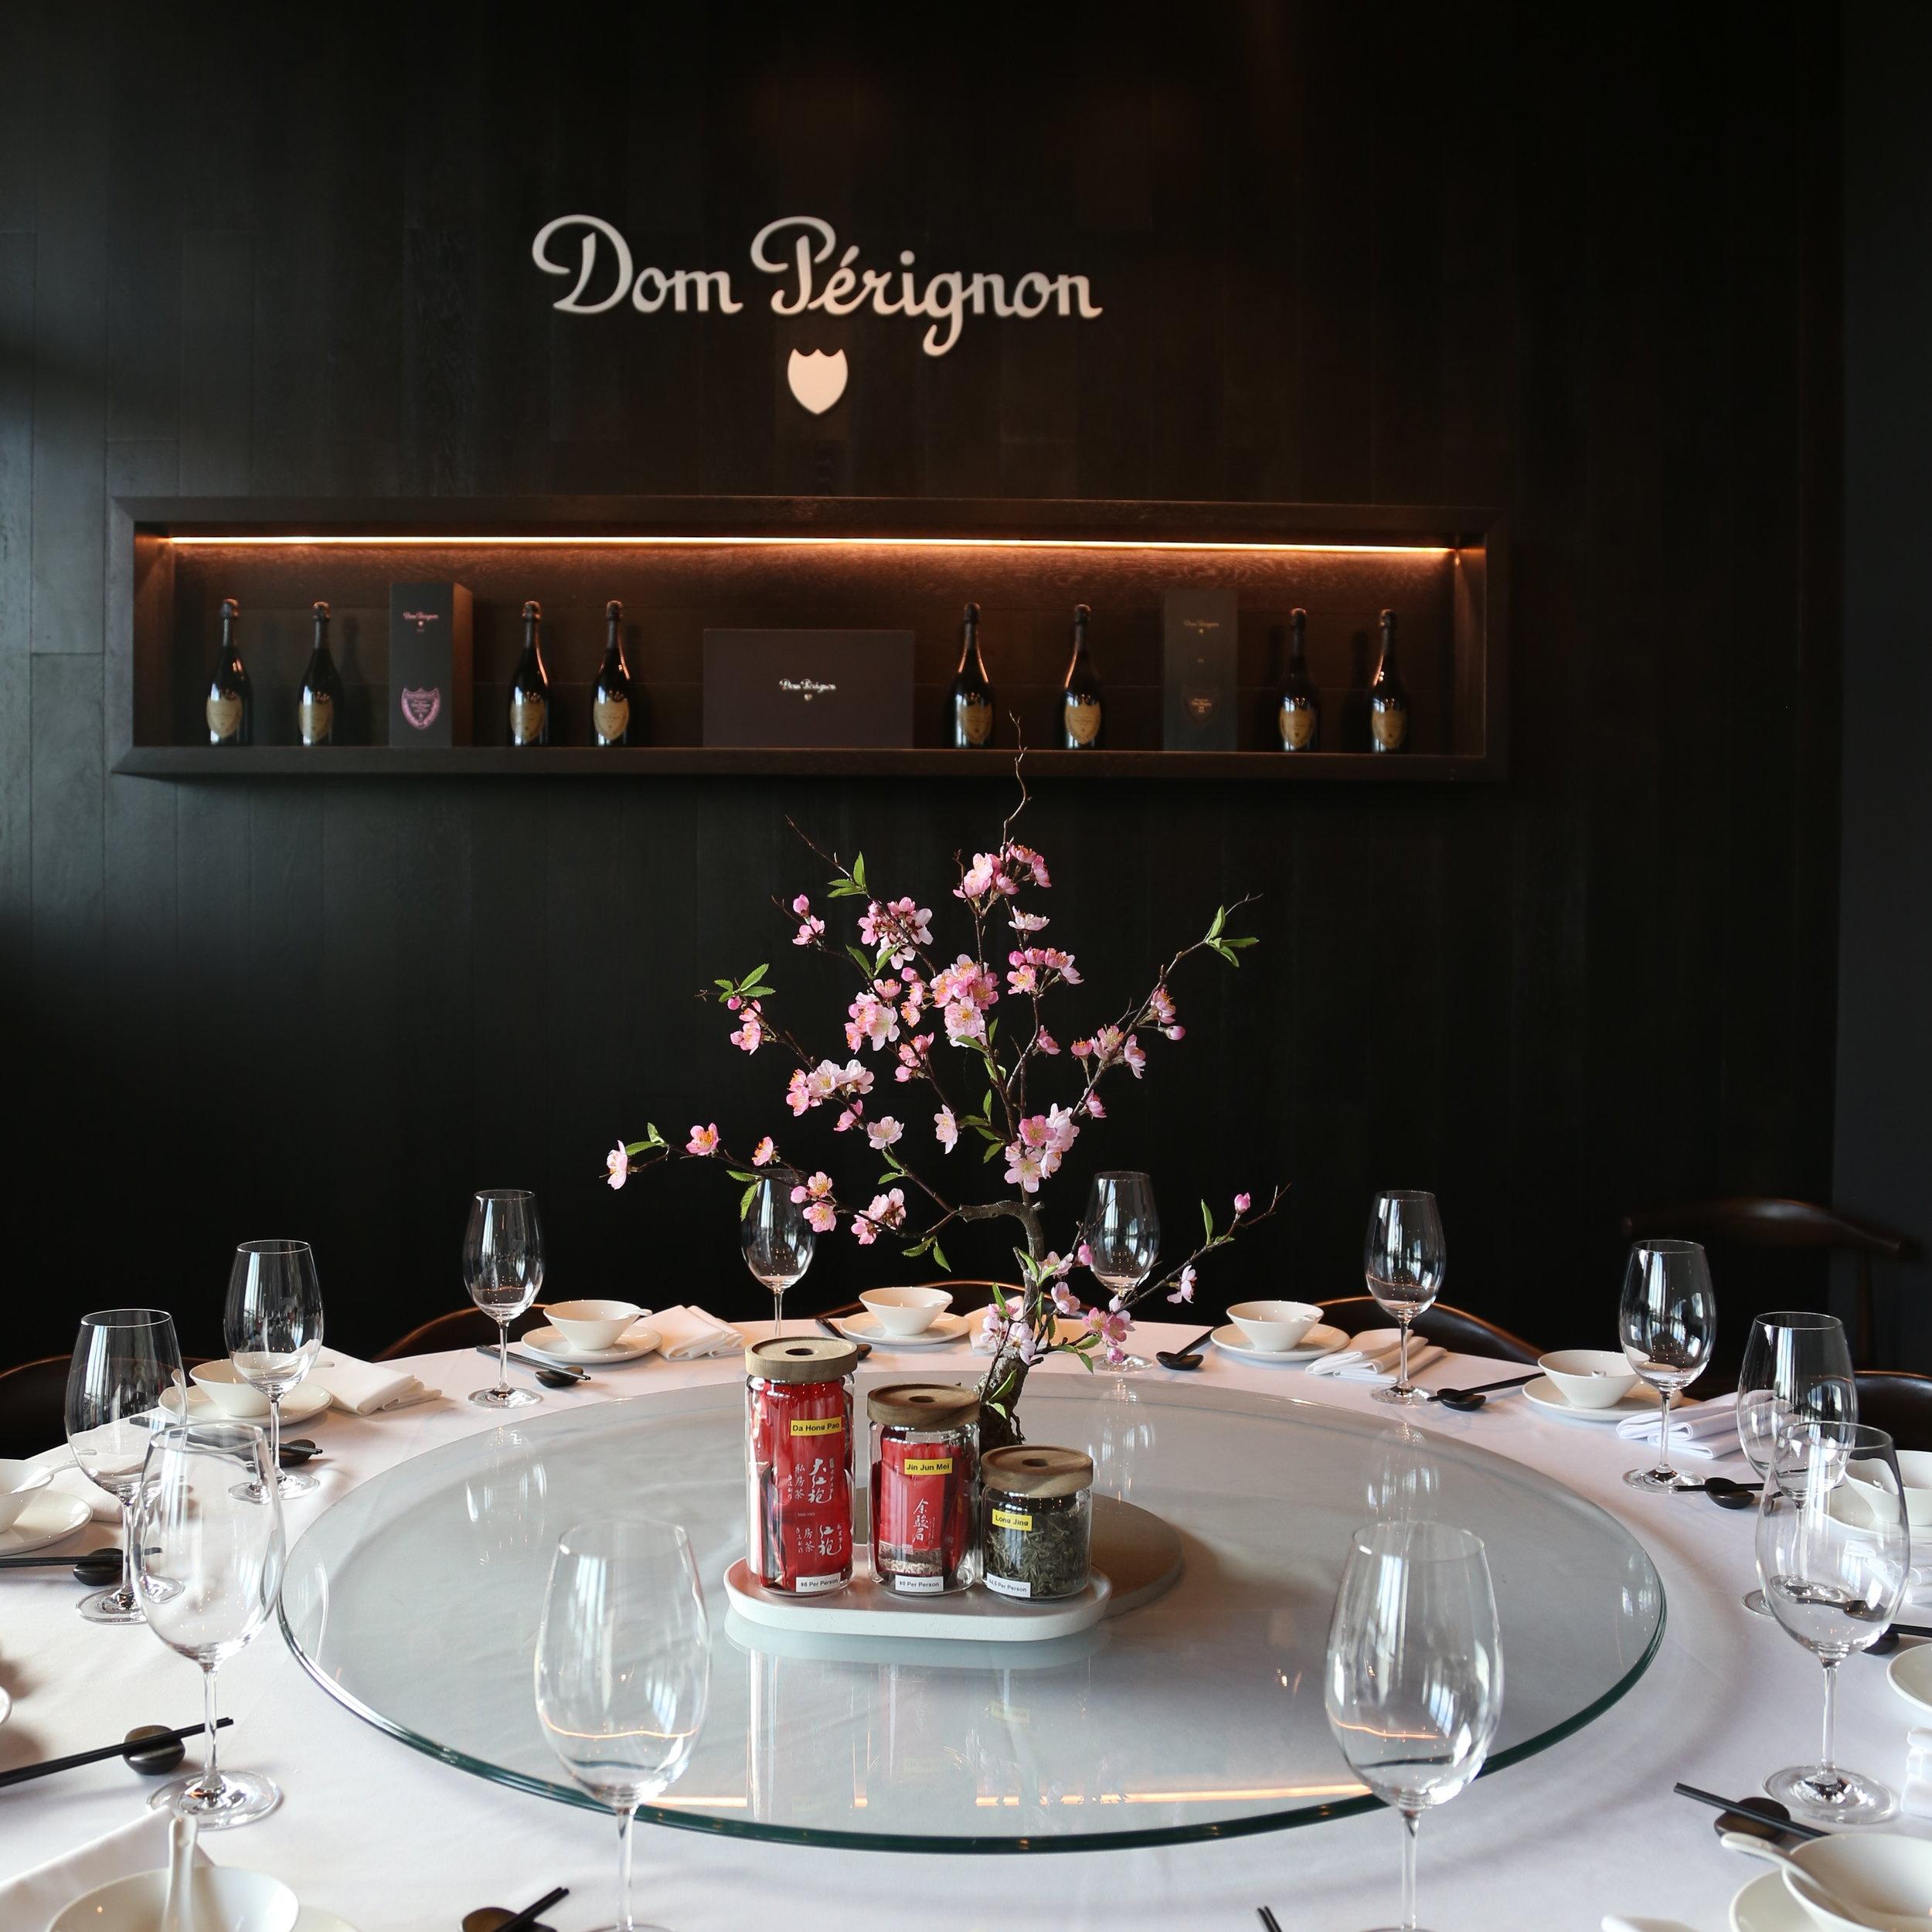 Dom Perignon Private Room